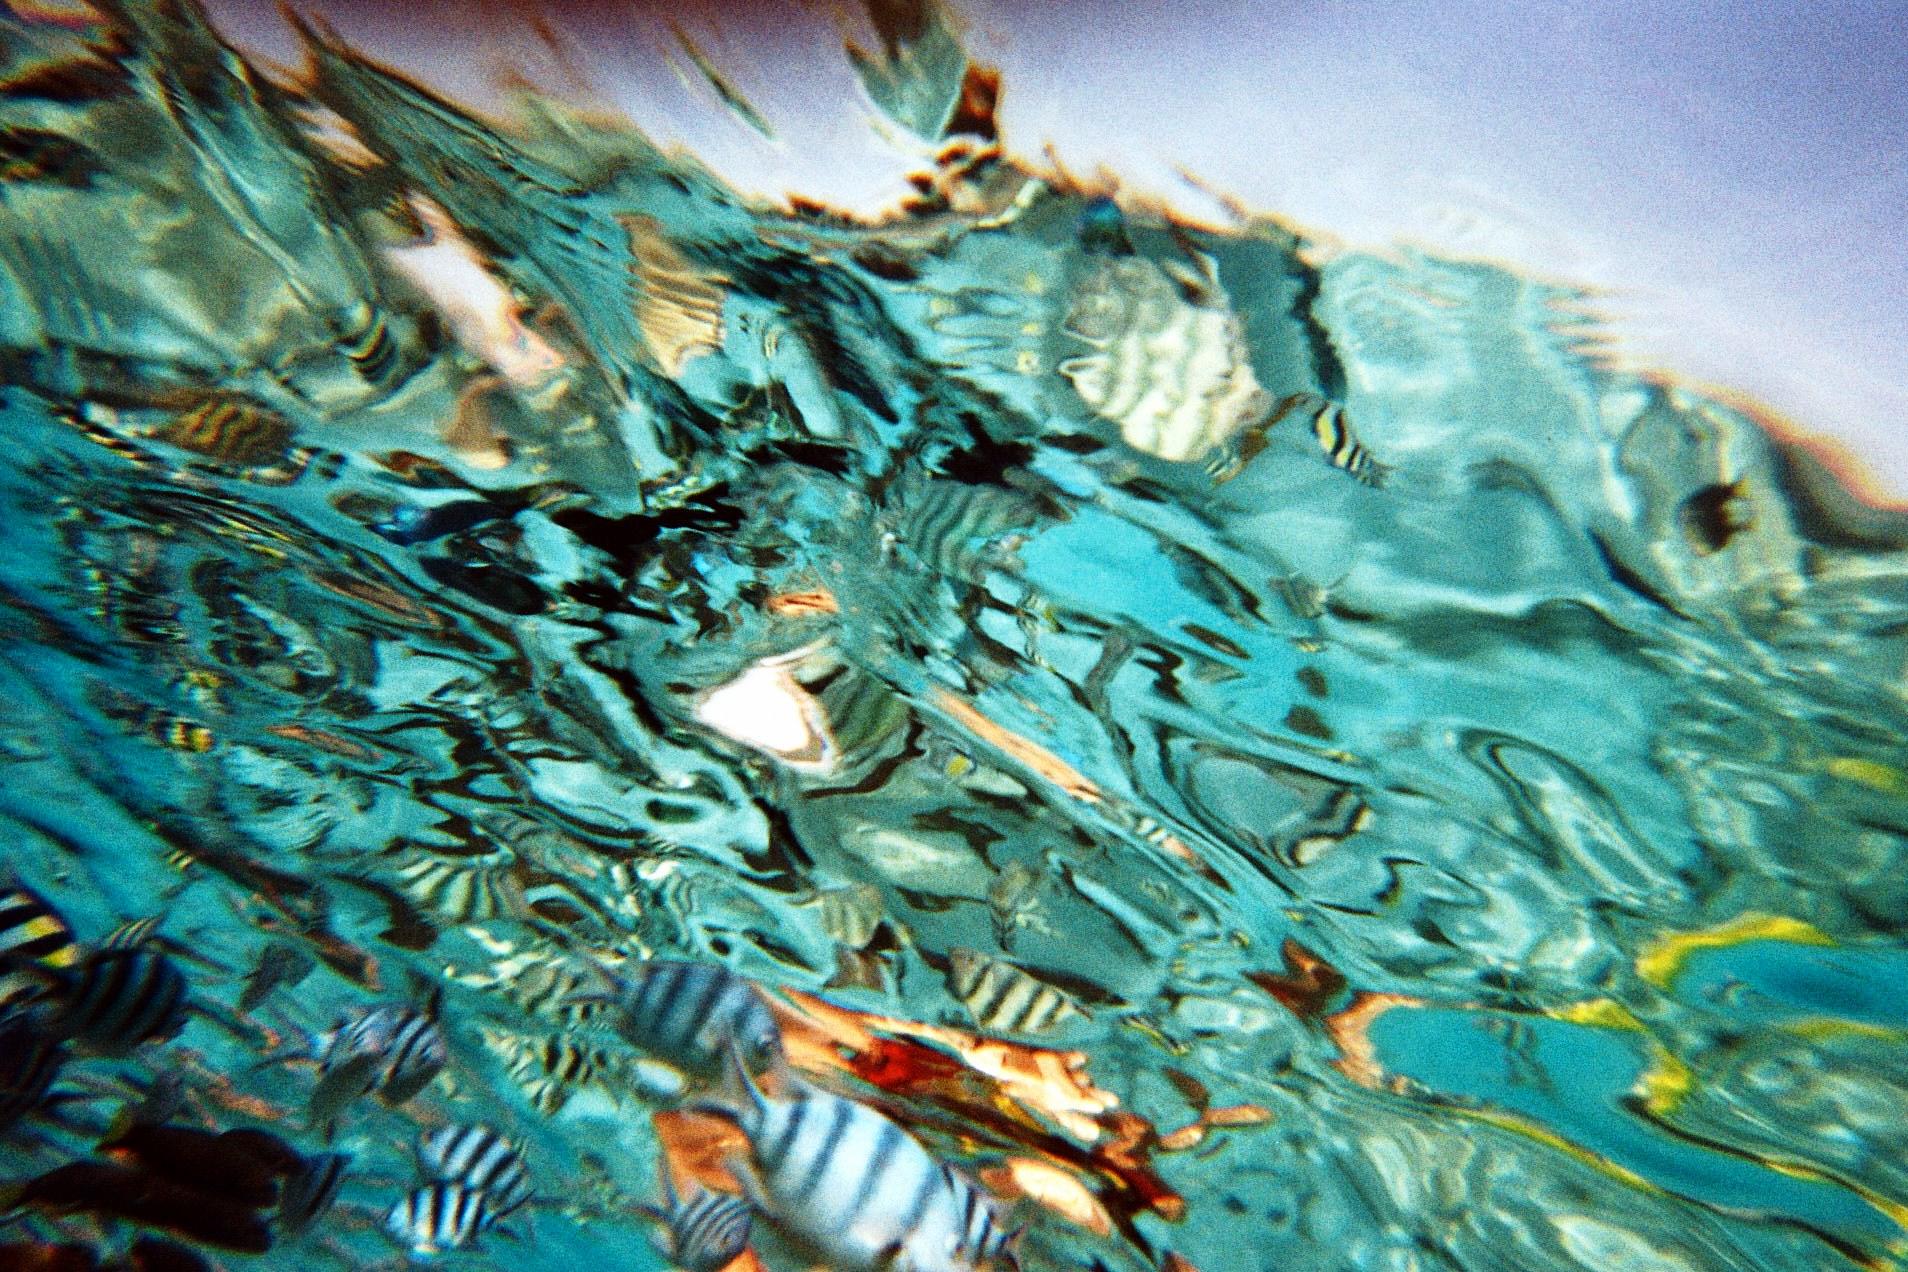 Sulawesi giochi di luci sott'acqua